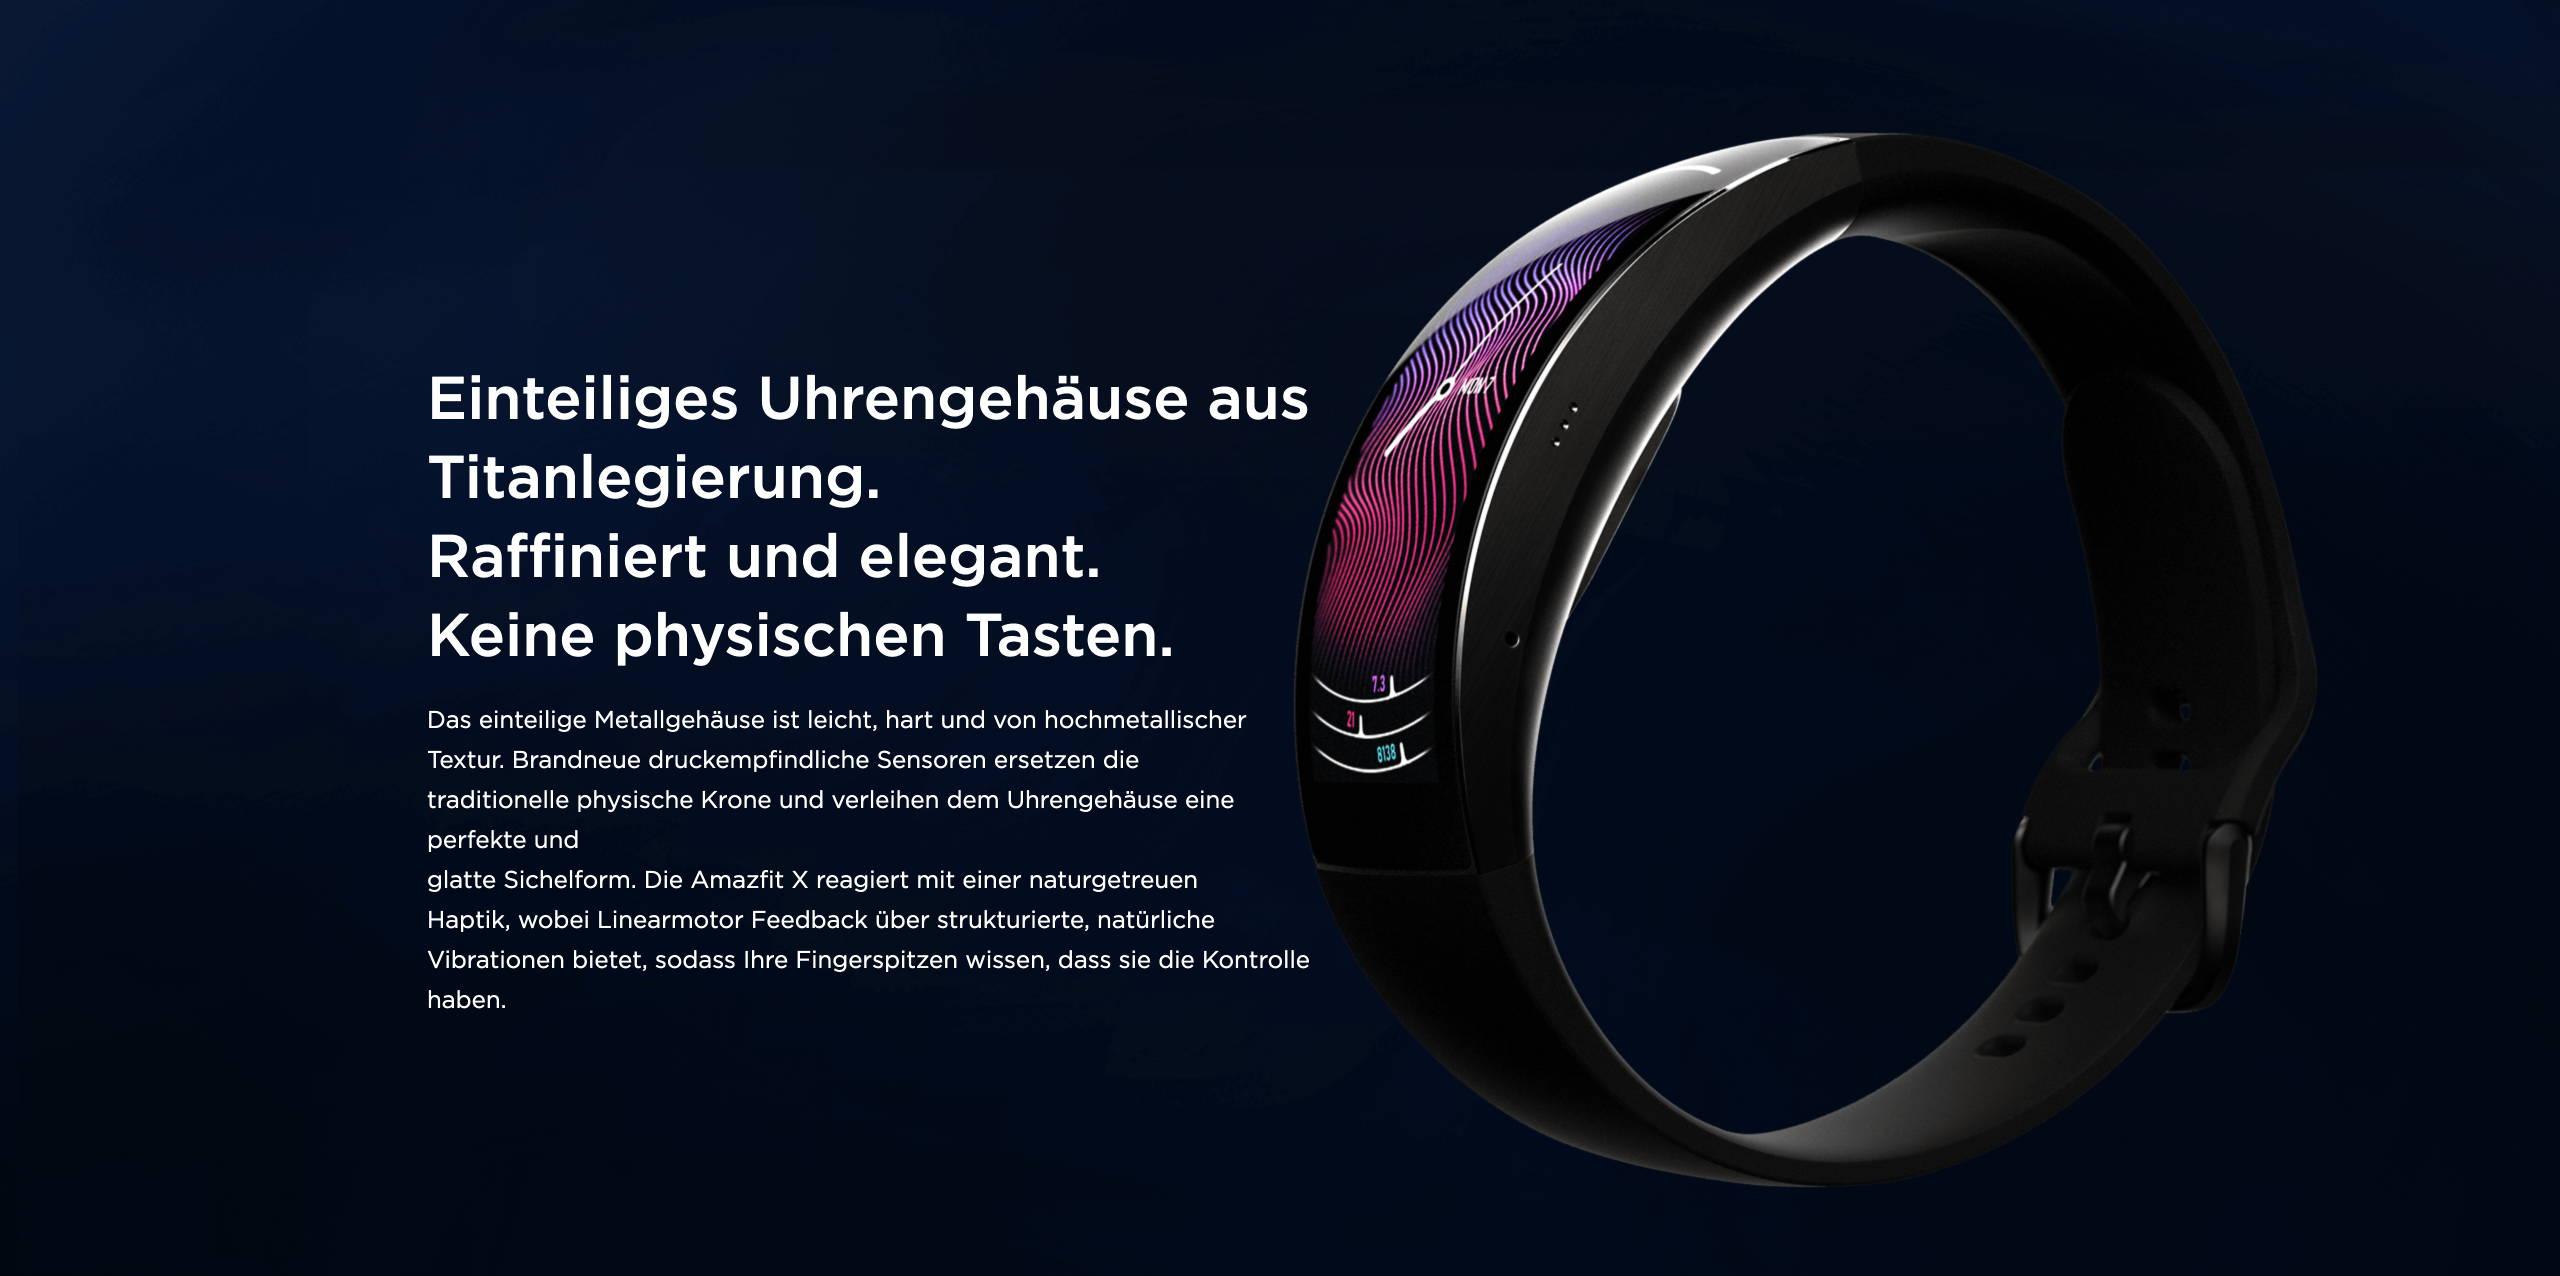 Amazfit X - Einteiliges Uhrengehäuse aus Titanlegierung. Raffiniert und elegant. Keine physischen Tasten.